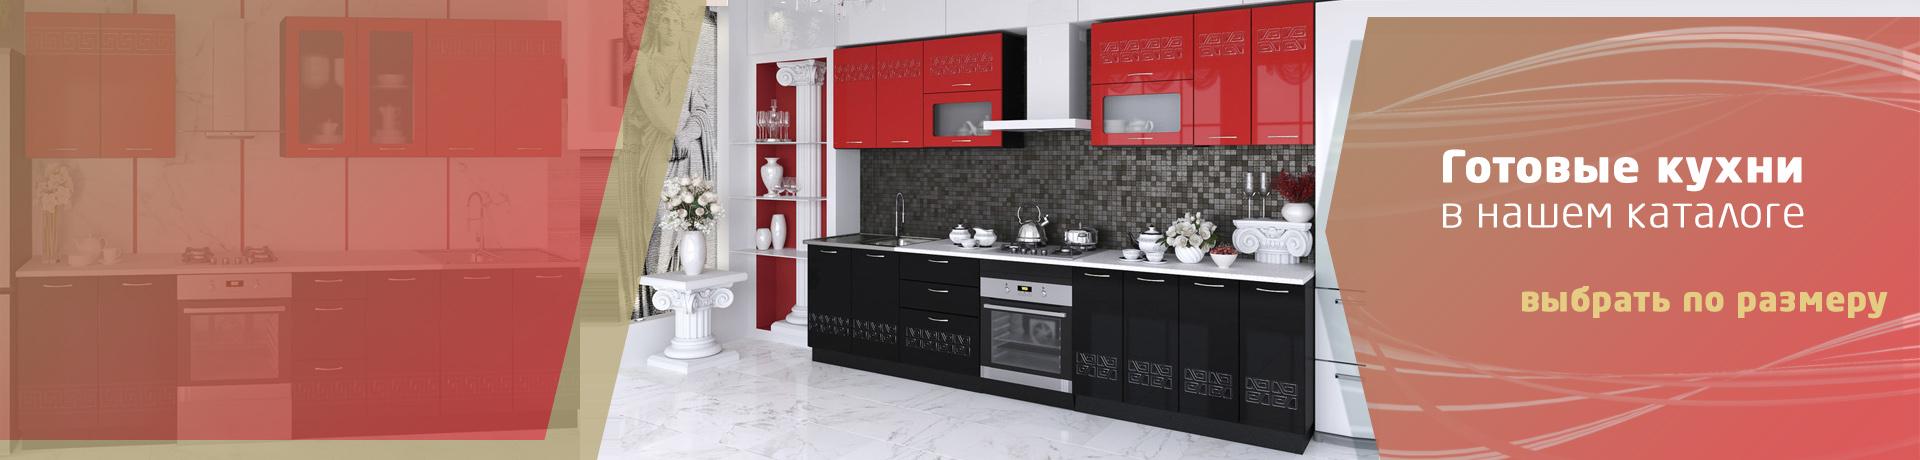 Готовые кухни...